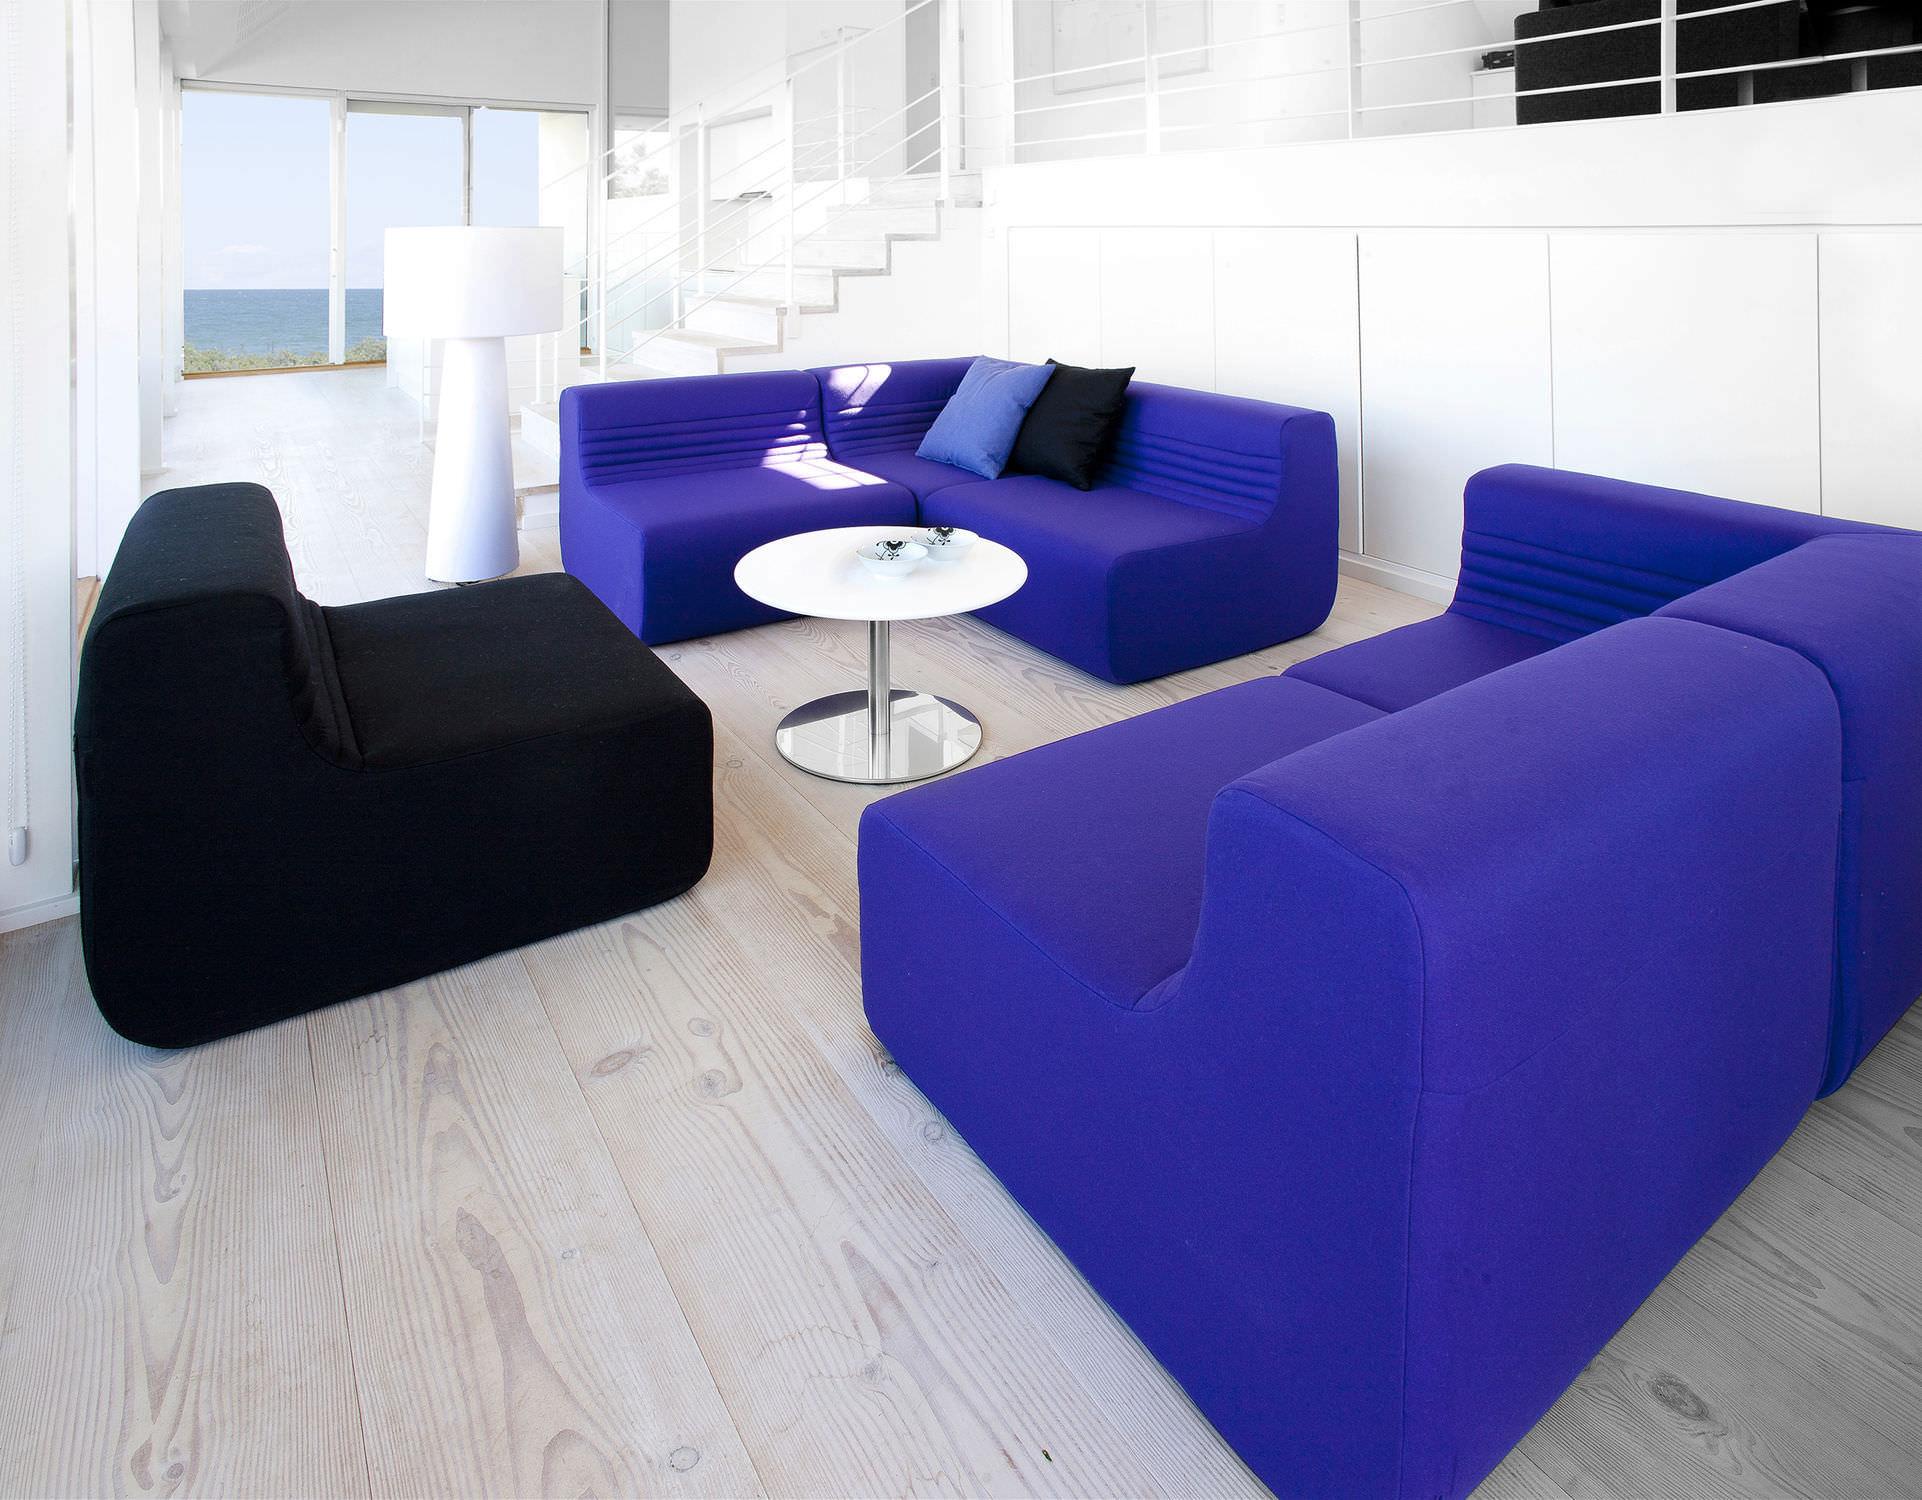 Бескаркасный диван в интерьере хай-тек